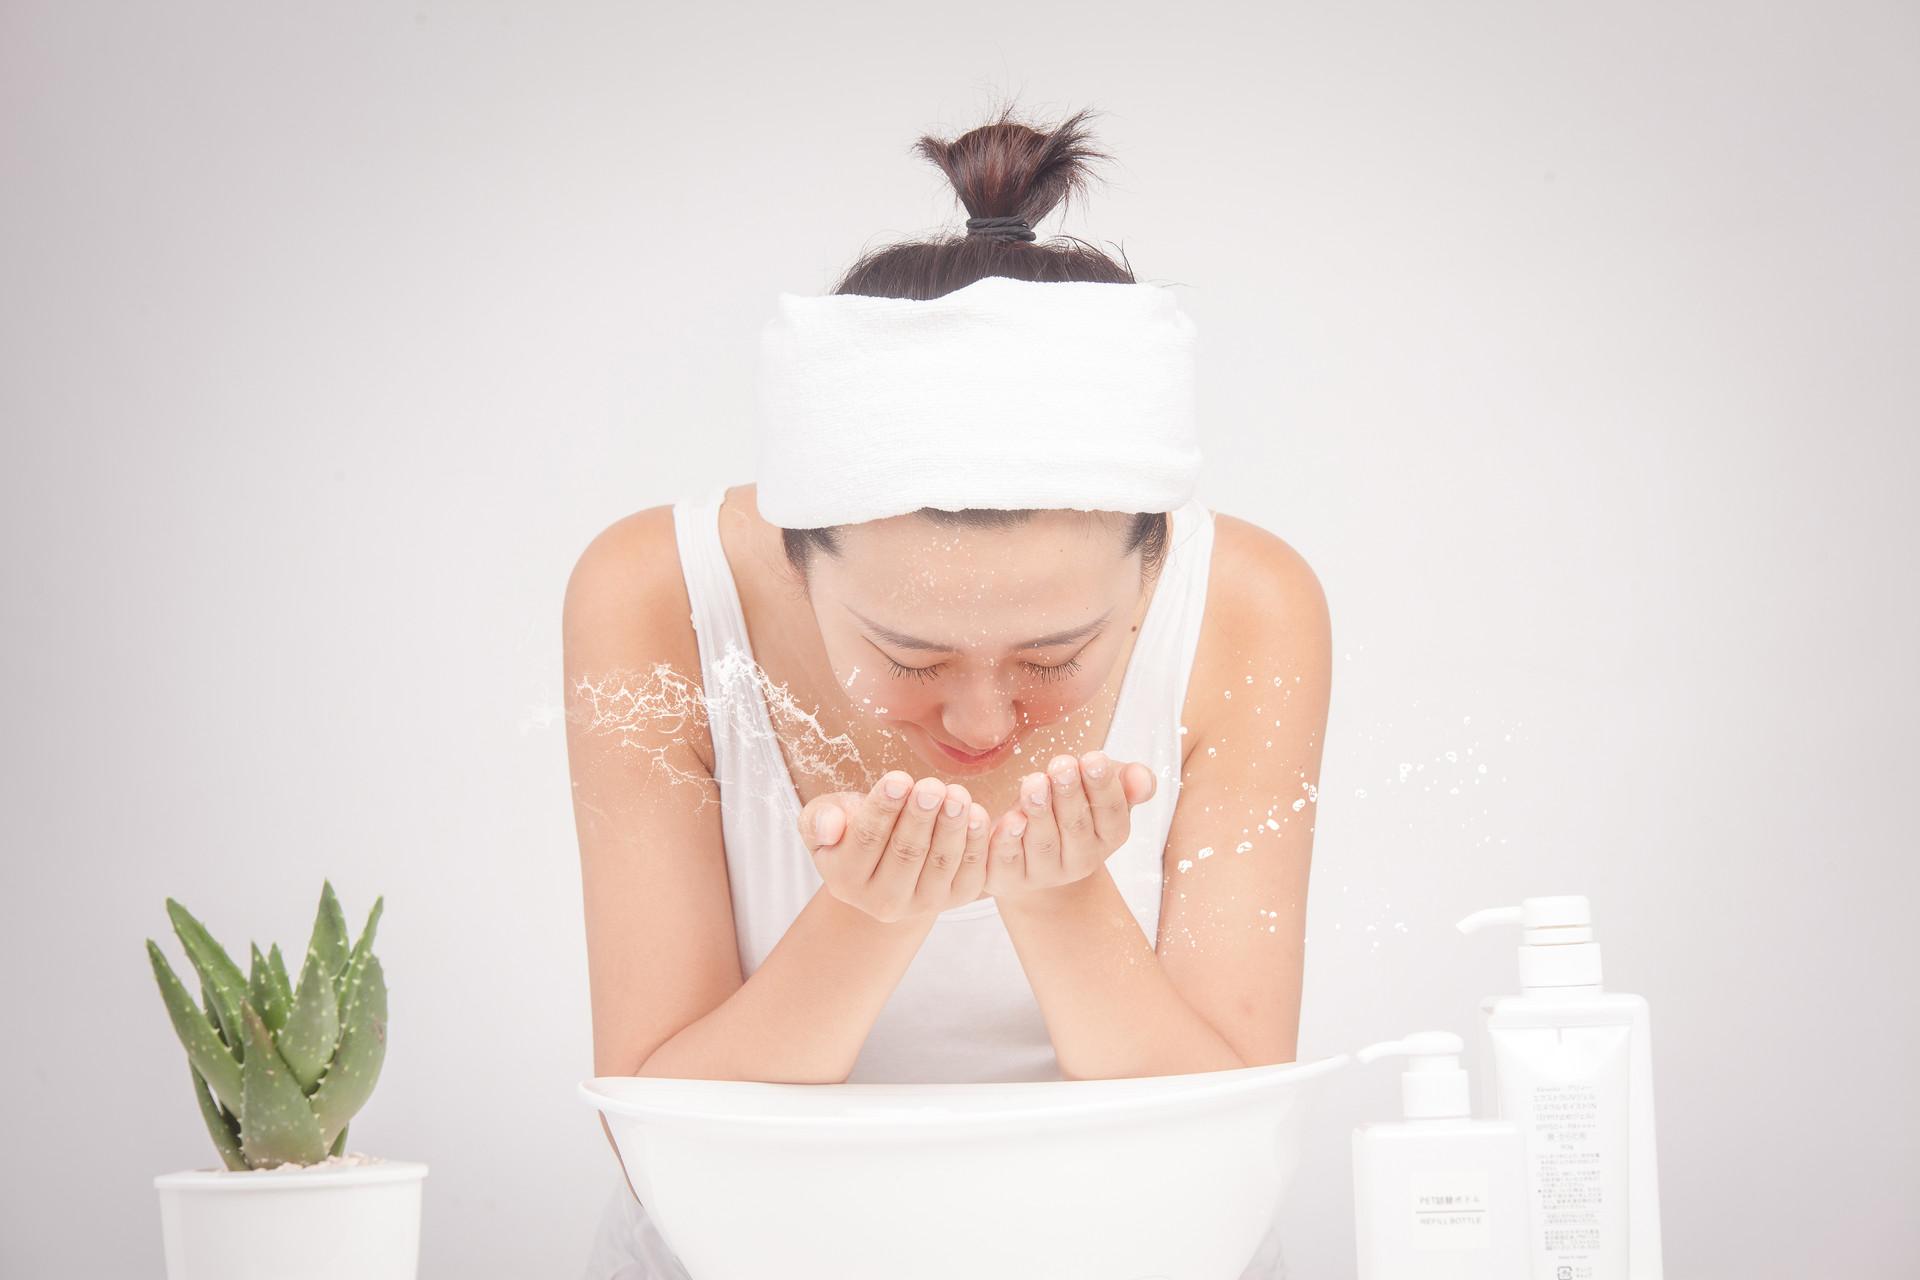 怎么给皮肤补水?具体有效的方法有哪些?